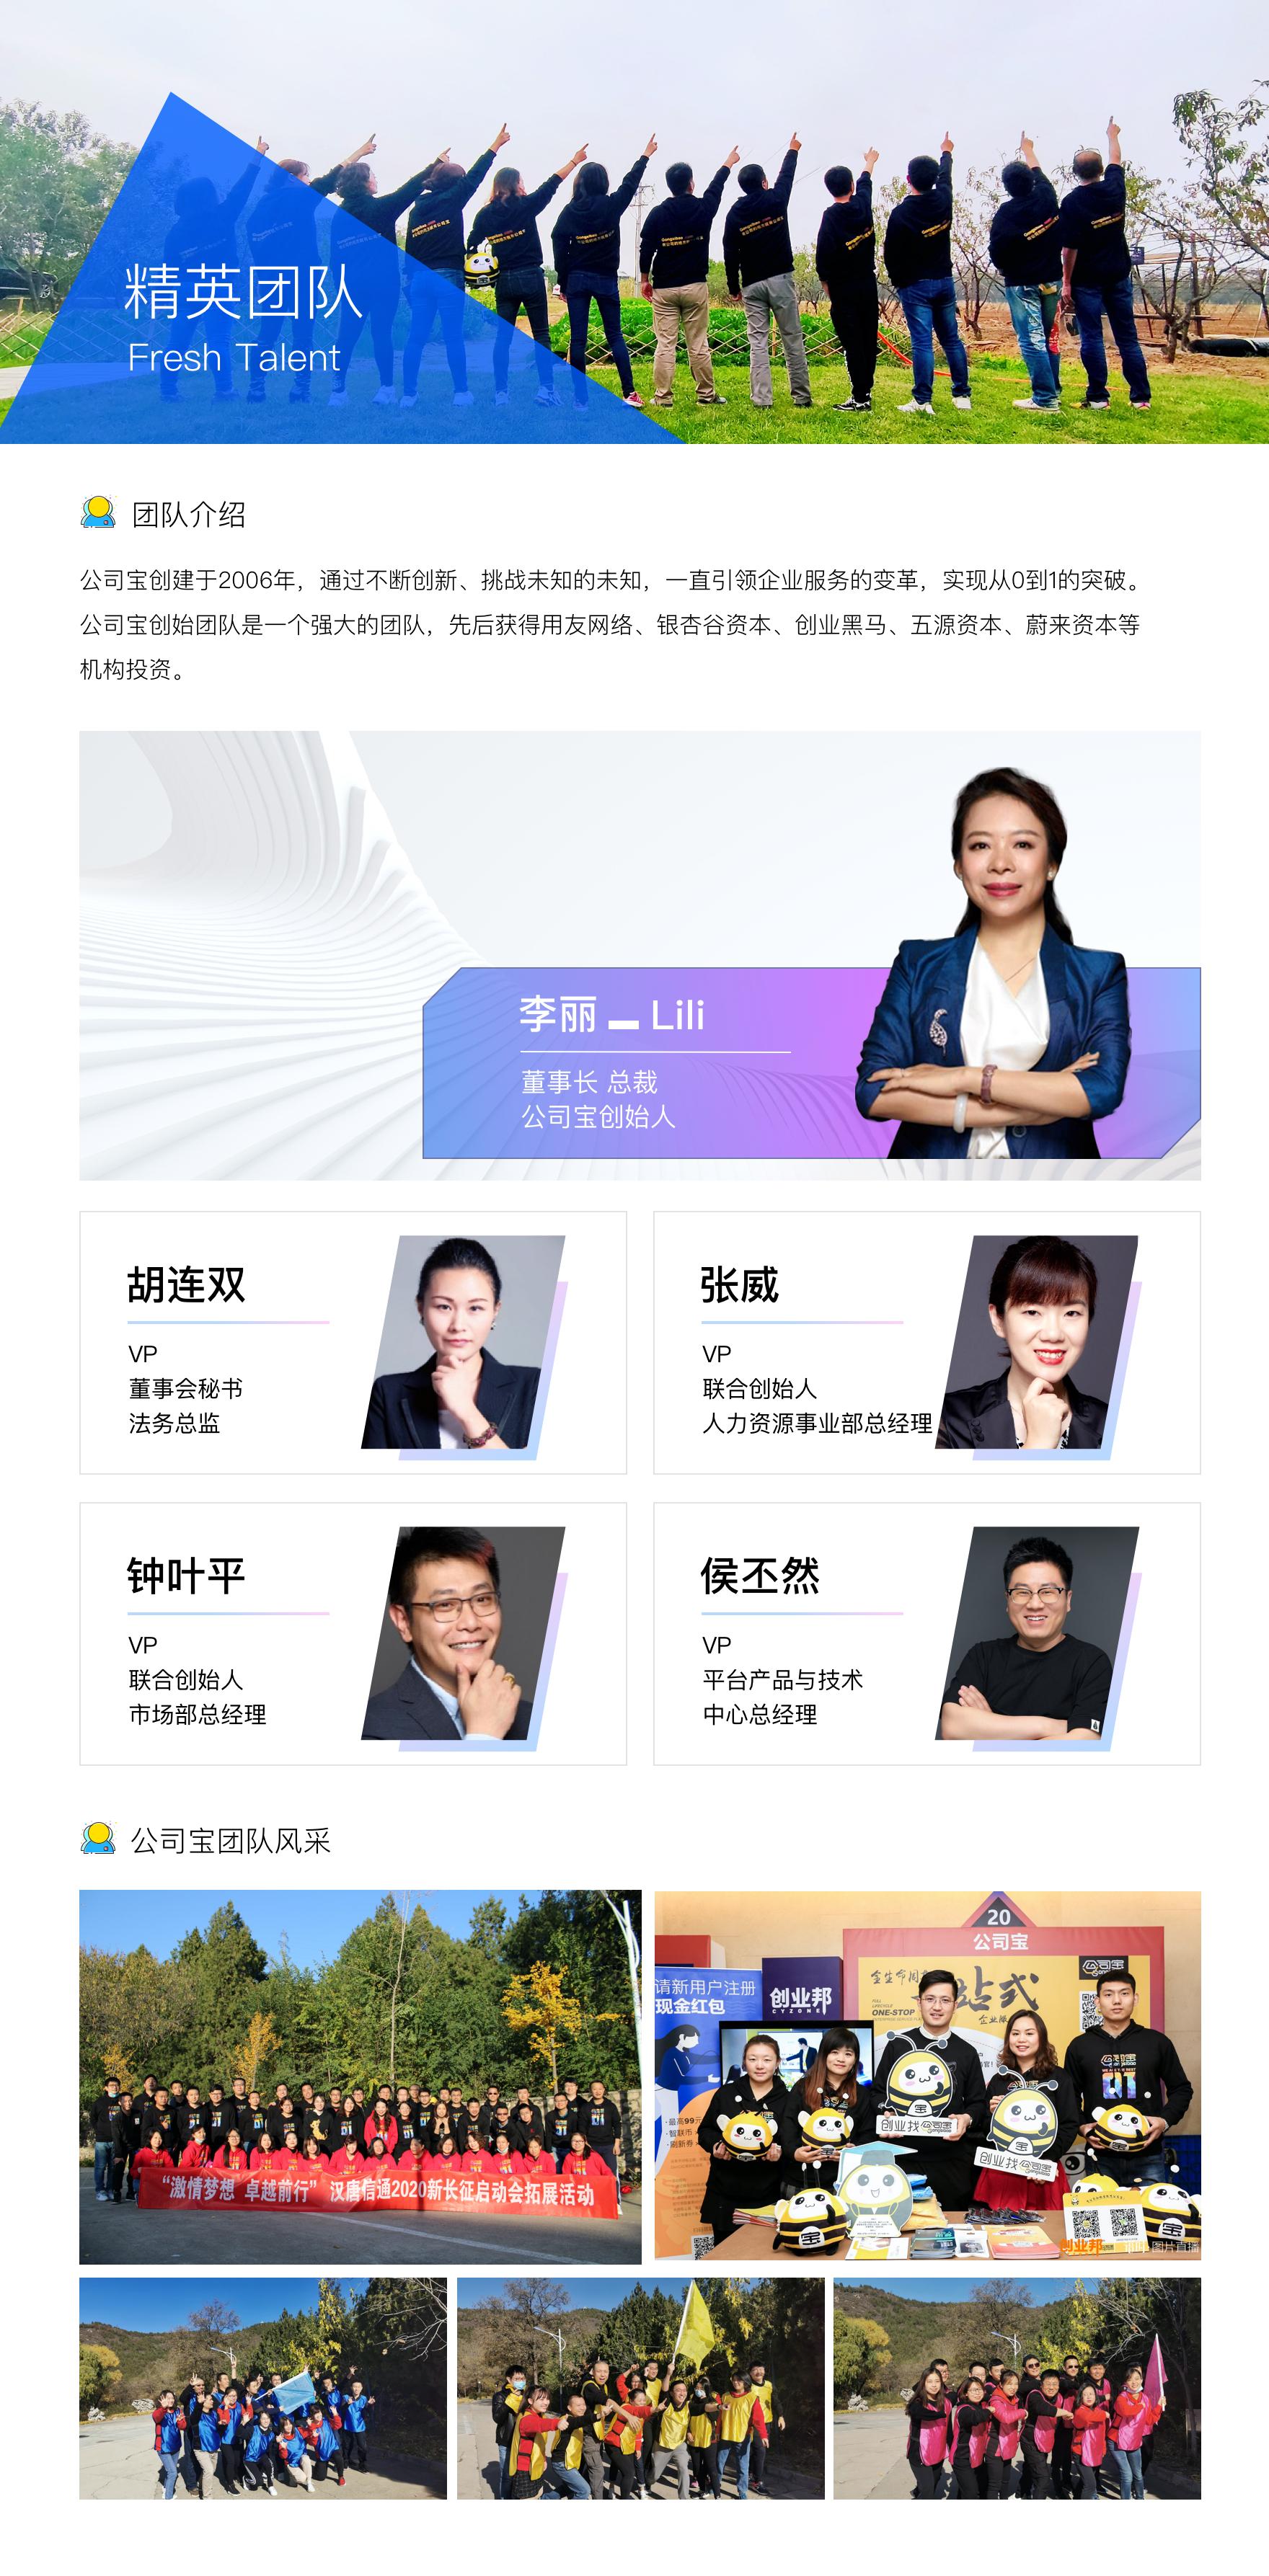 https://gsb-up.oss-cn-beijing.aliyuncs.com/article/content/images/2021-05-28/1622187612379.jpg